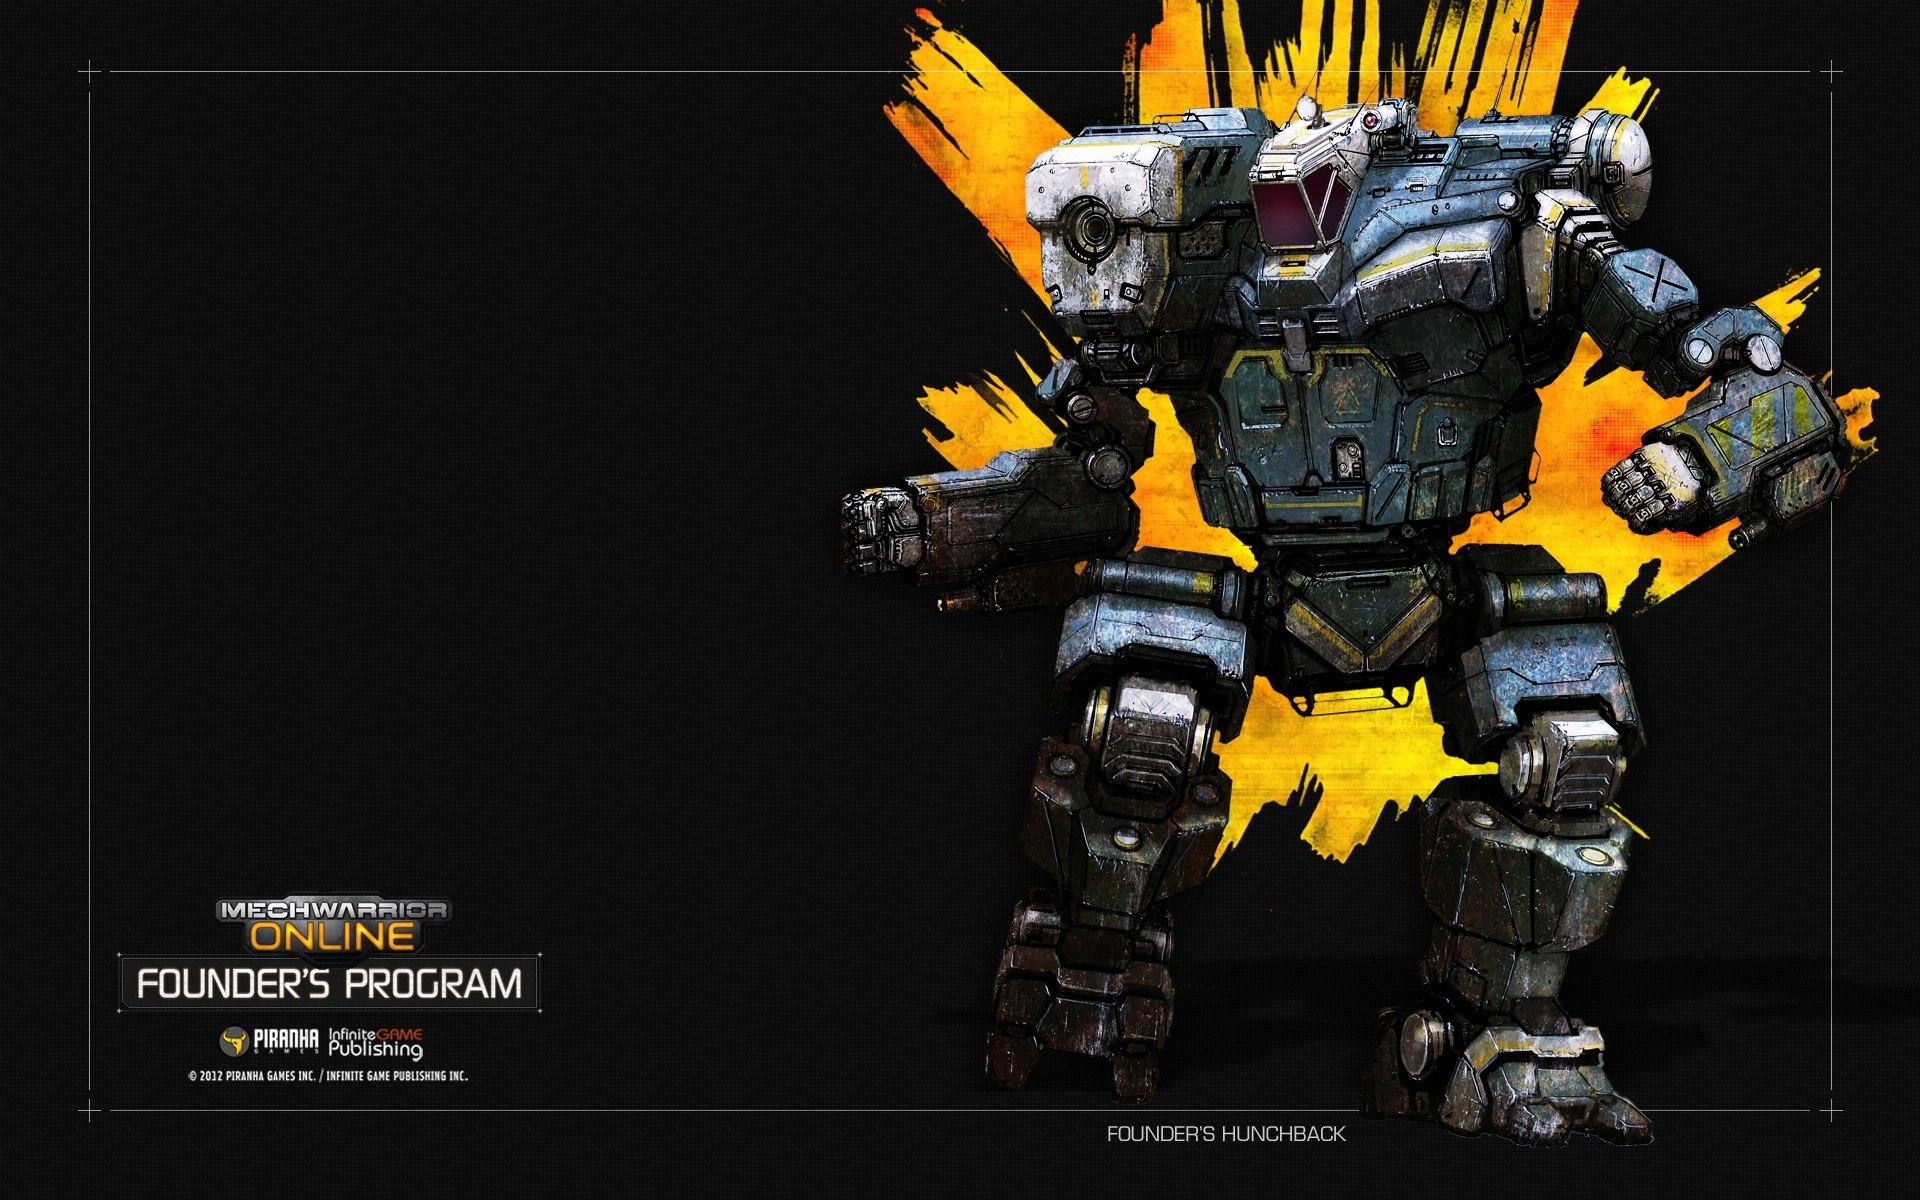 Mechwarrior online wallpaper 1920x1200 HQ WALLPAPER   39264 1920x1200